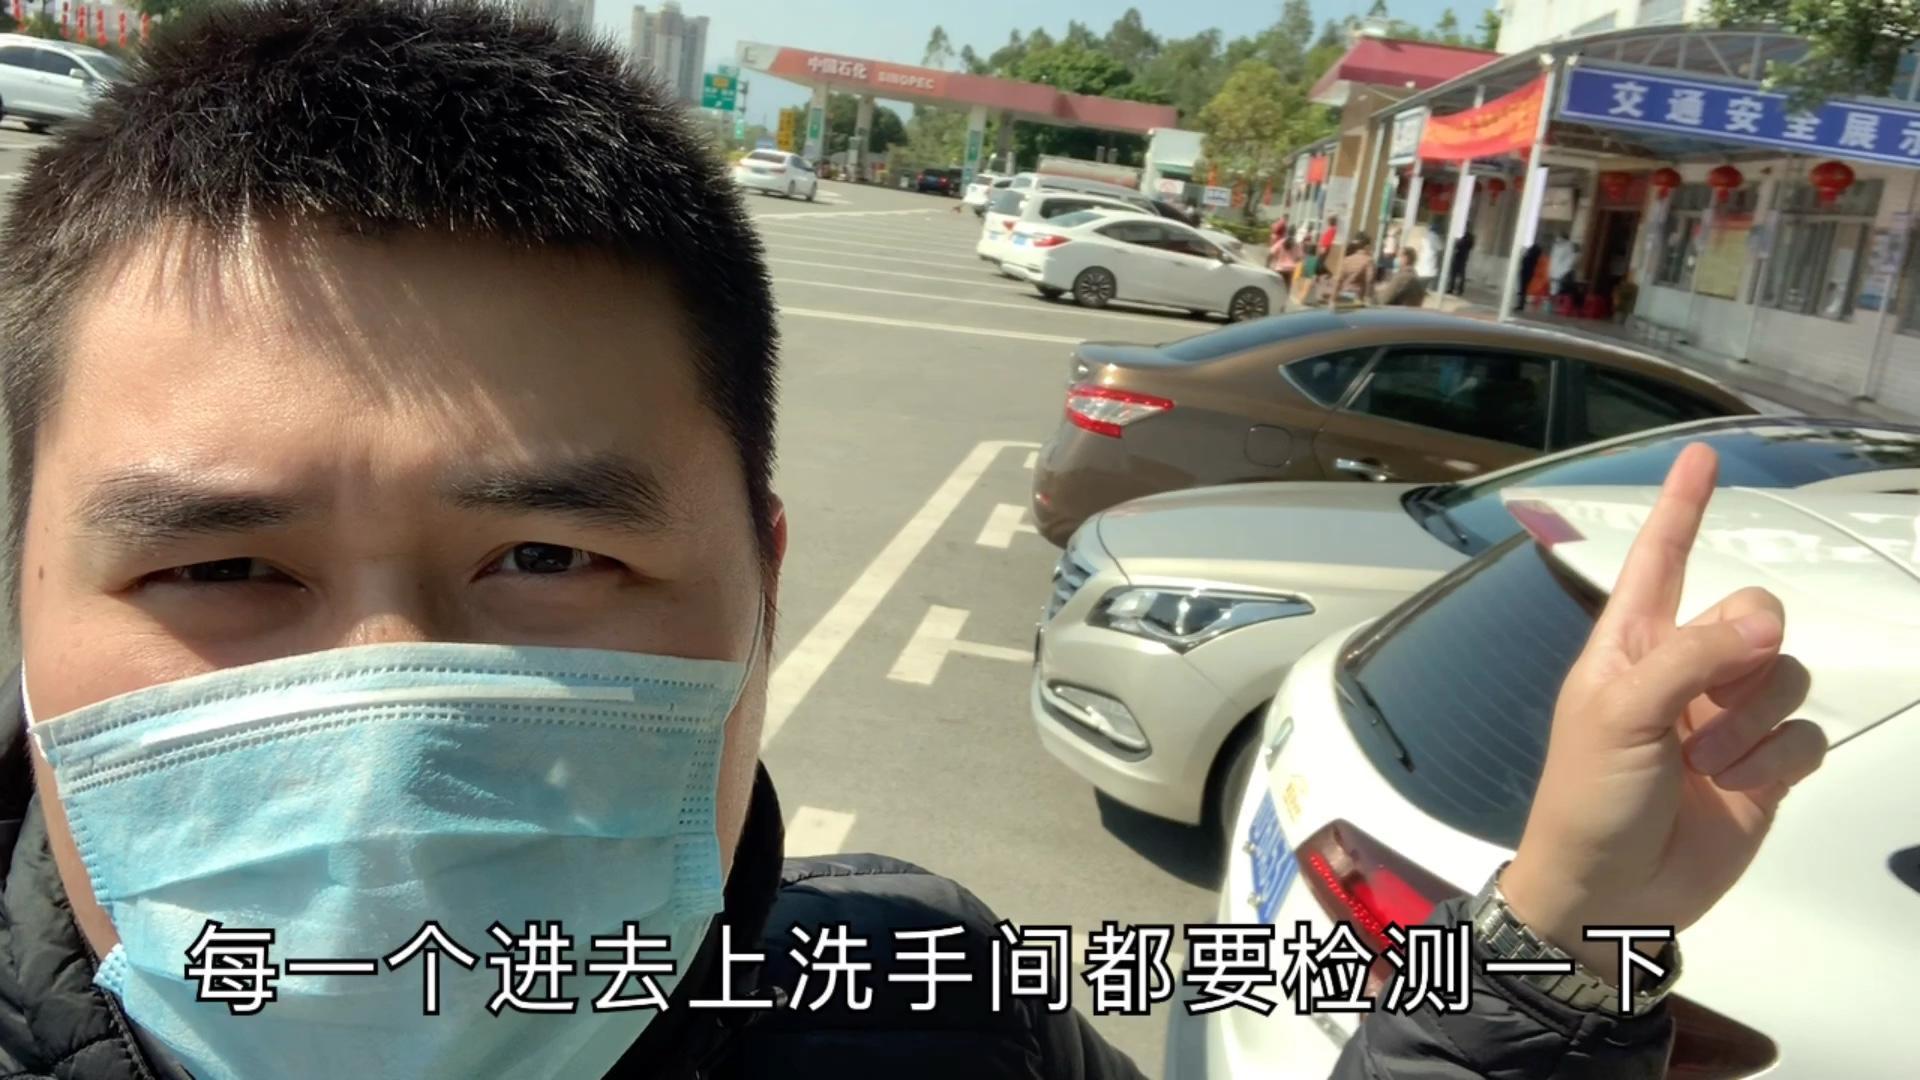 从汕头开车往深圳,高速车辆明显减少,每个进入服务区的都要检查